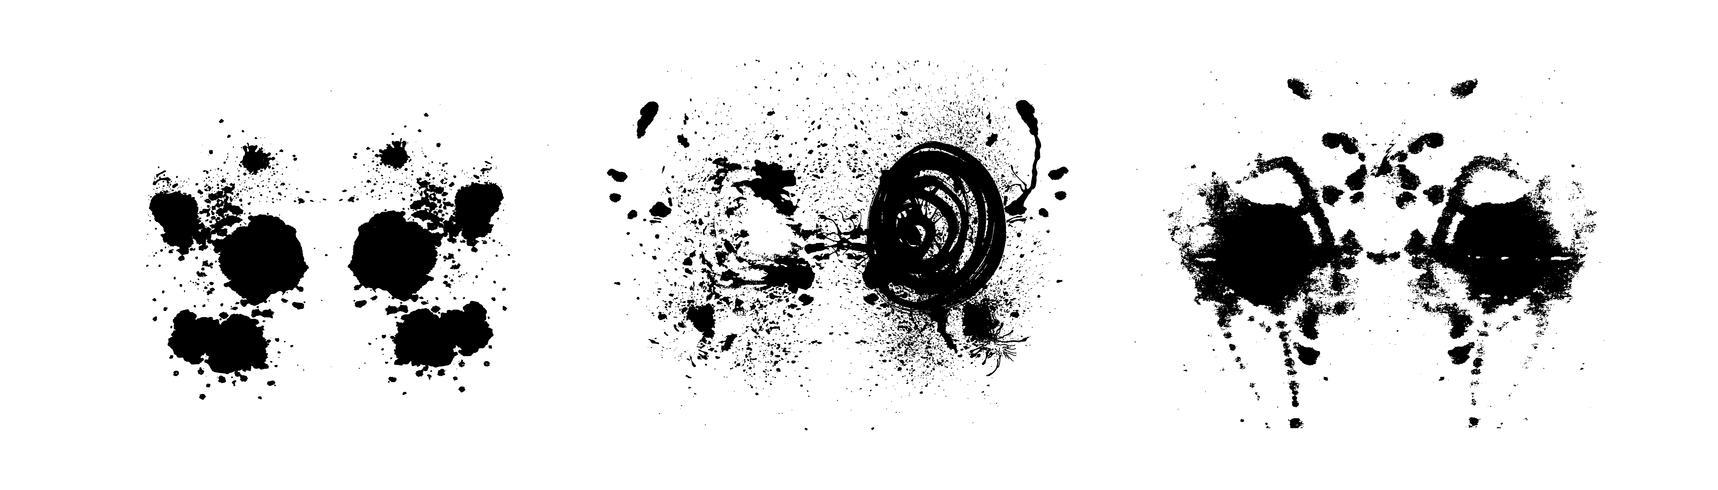 Rorschach Inkblot-Test symmetrische abstrakte Tintenflecken